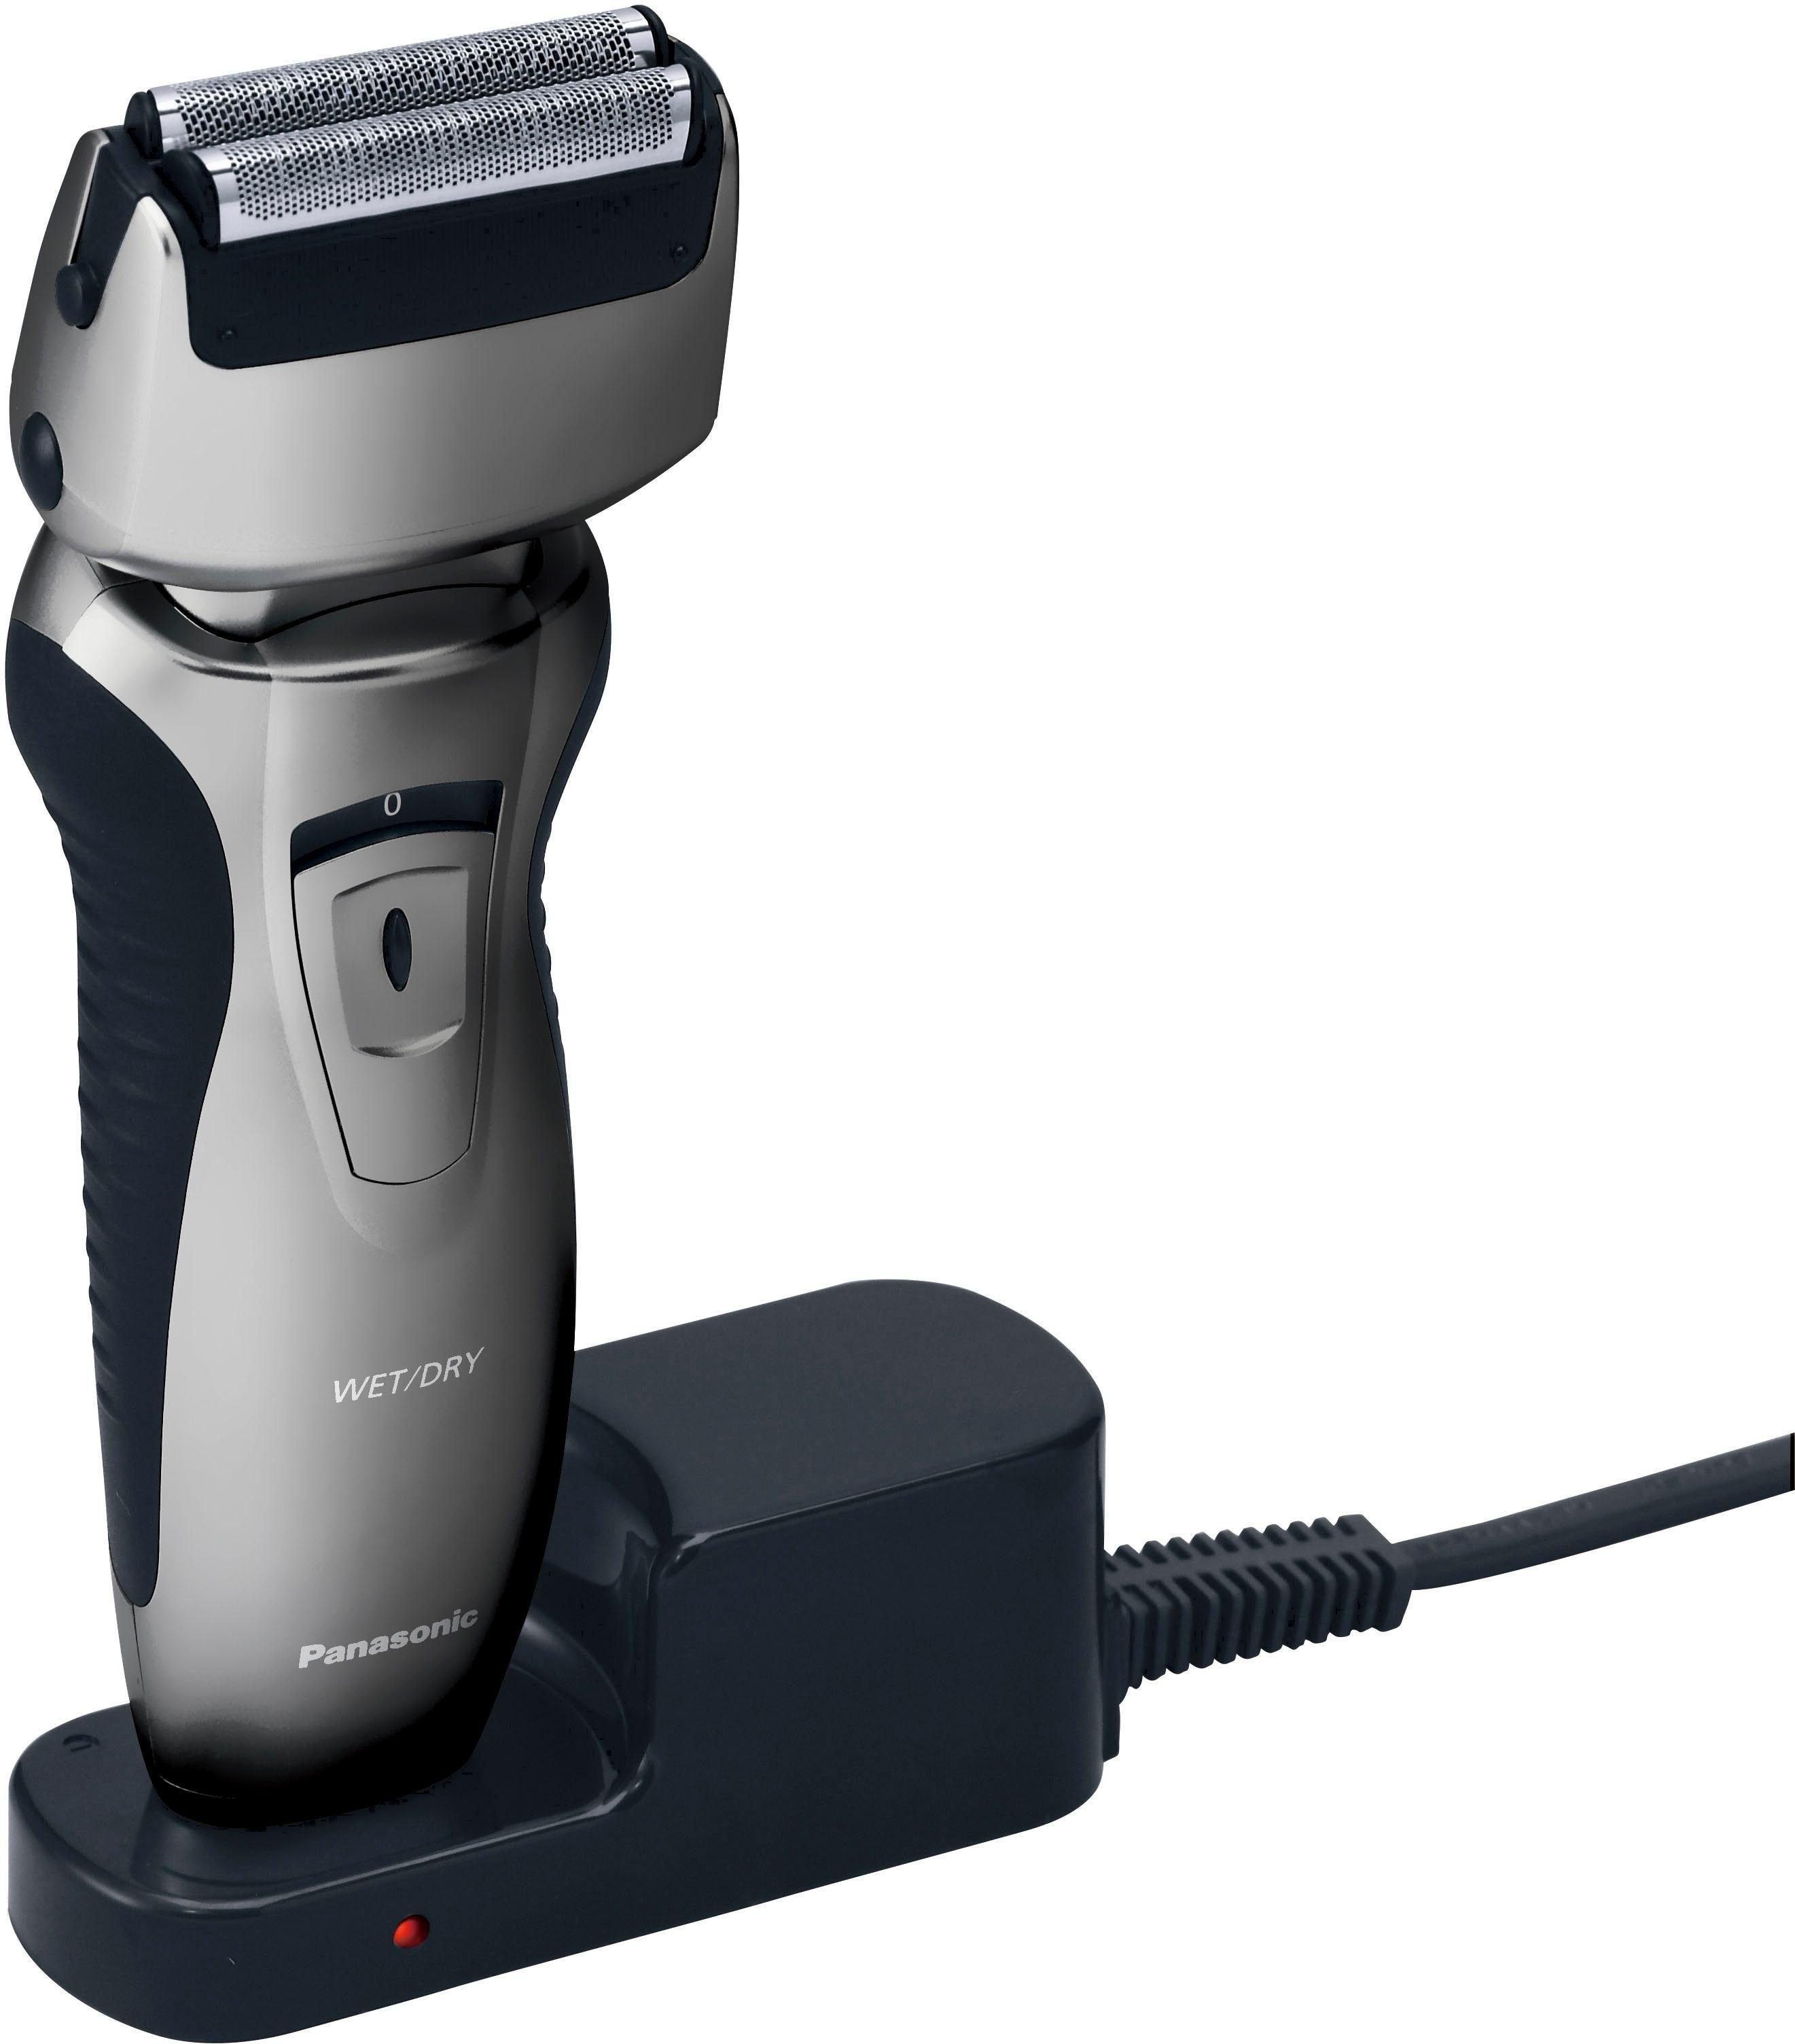 Panasonic elektrisch scheerapparaat ES-RW33-H503, aantal opzetstukken: 0, uitklapbare tondeuse voor lang haar nu online bestellen